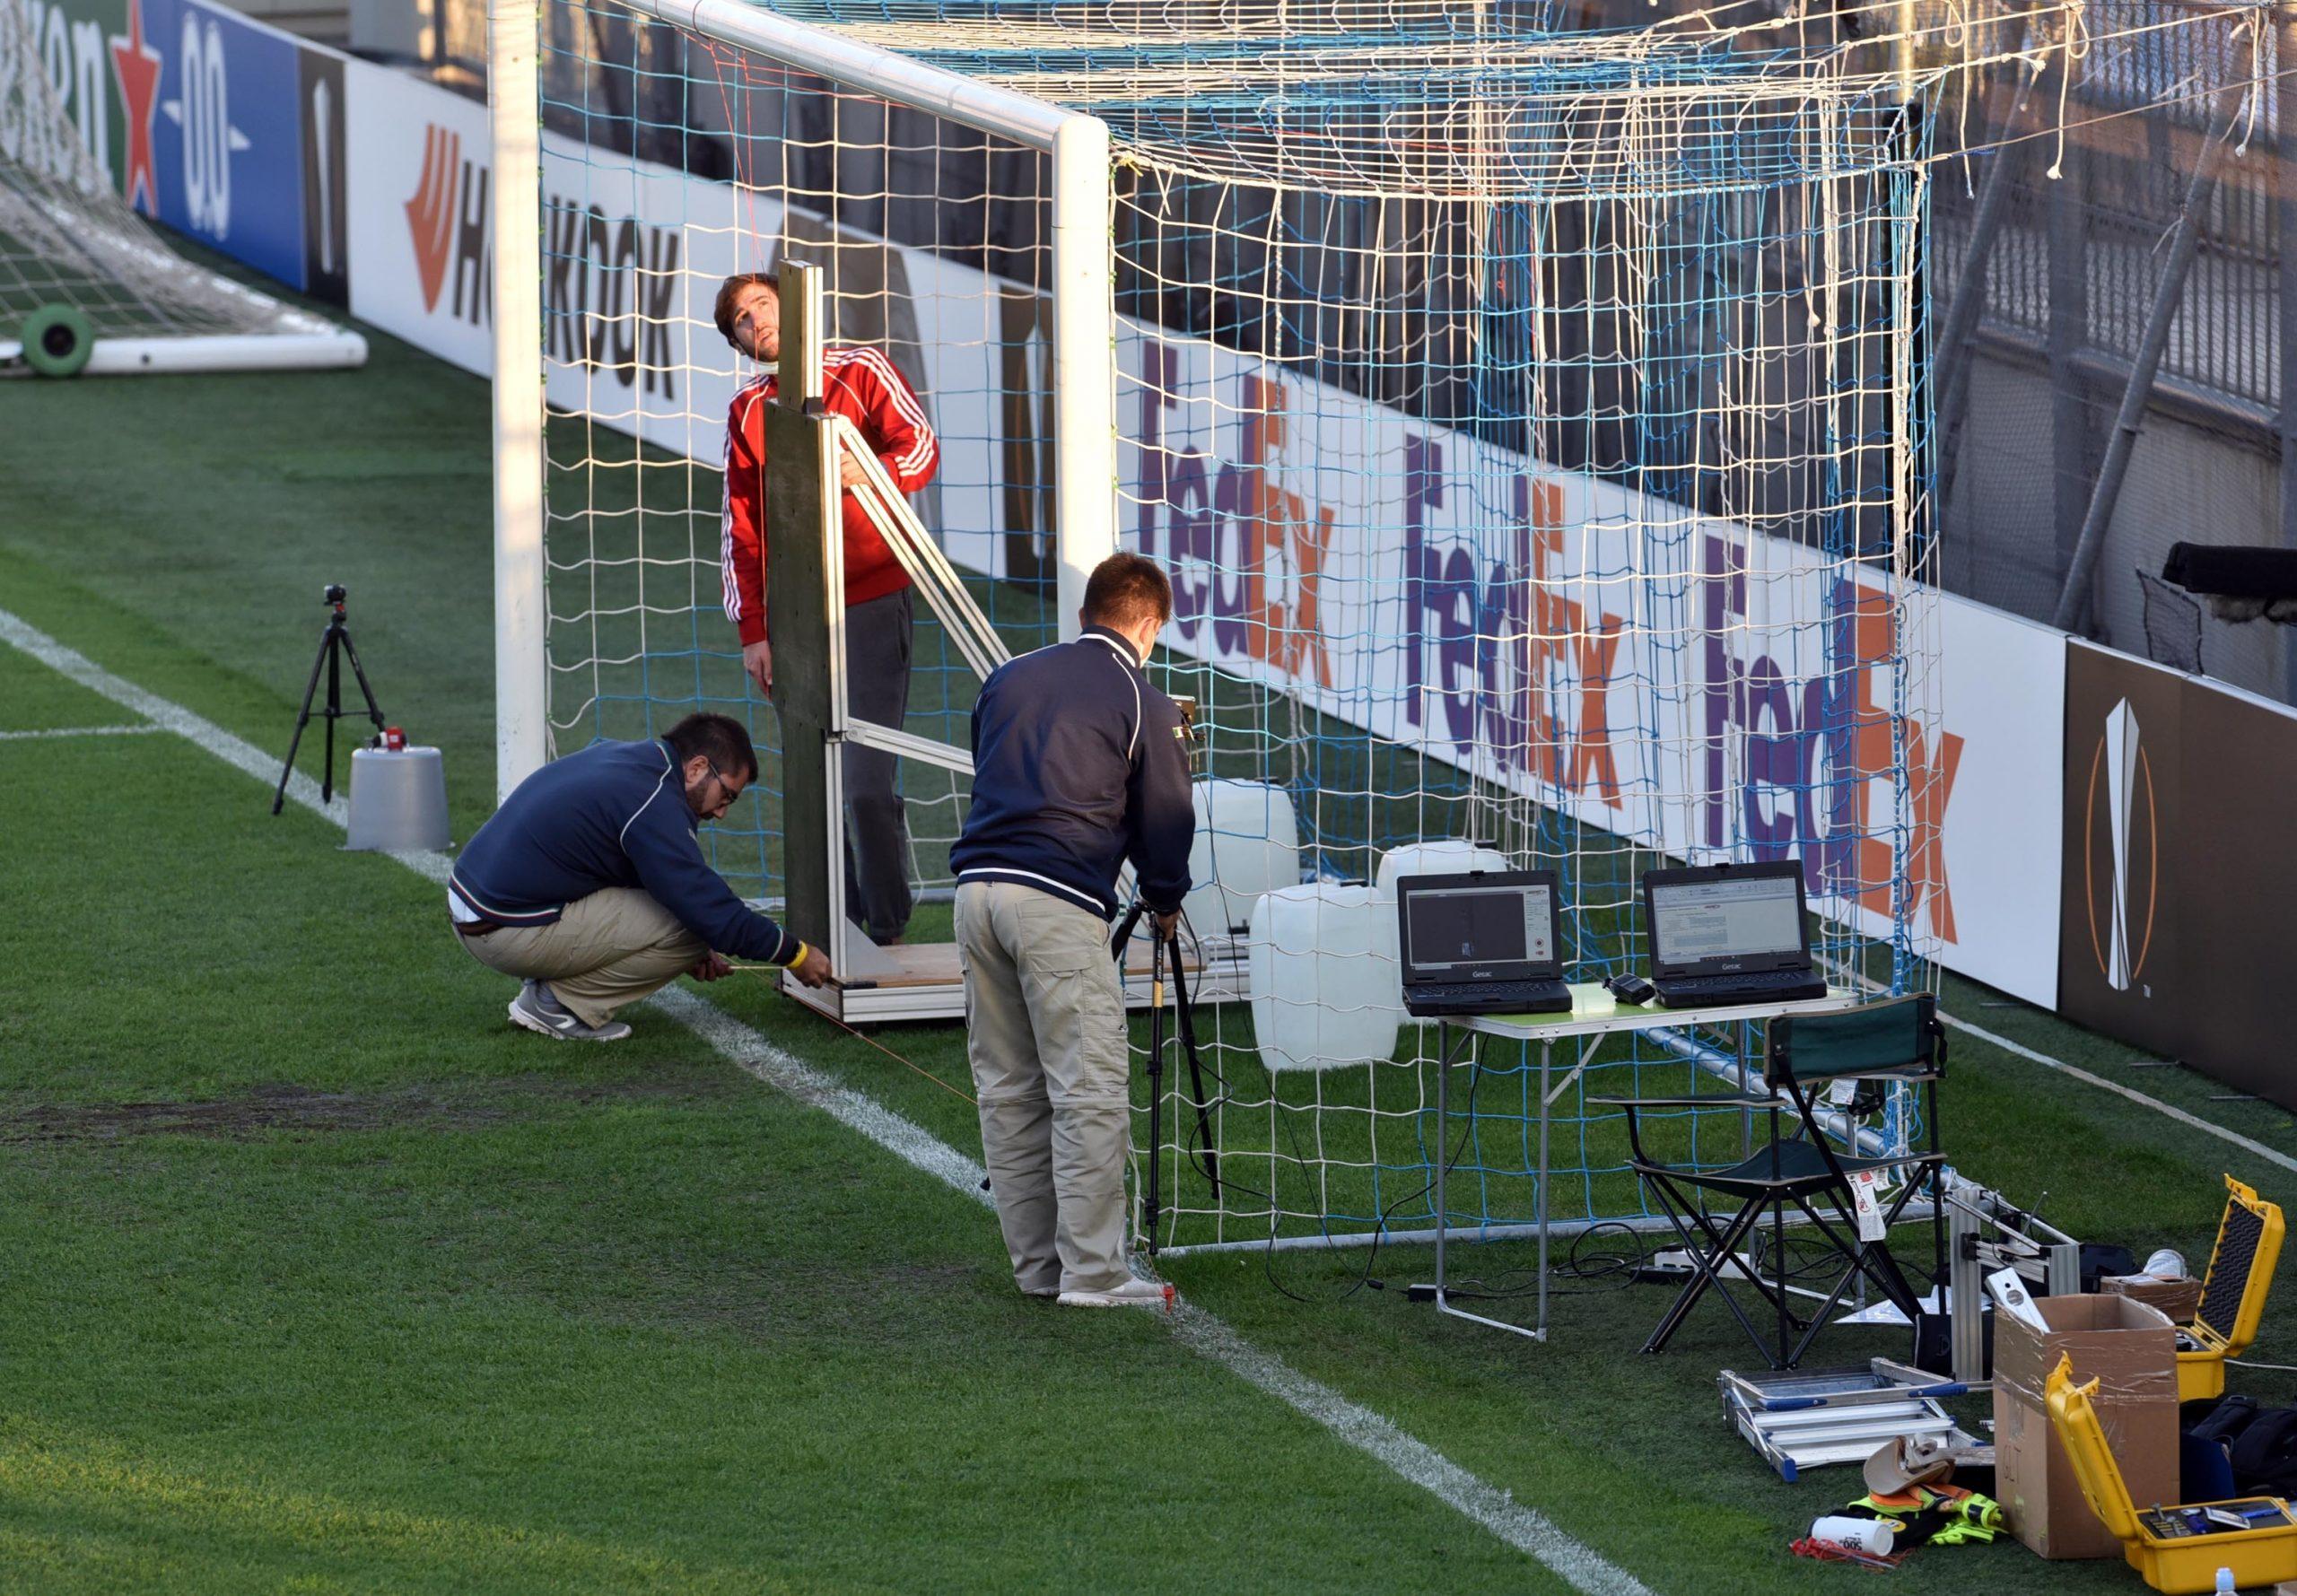 Živo je bilo uoči treninga Španjolaca na rujevičkom stadionu/D. ŠKOMRLJ